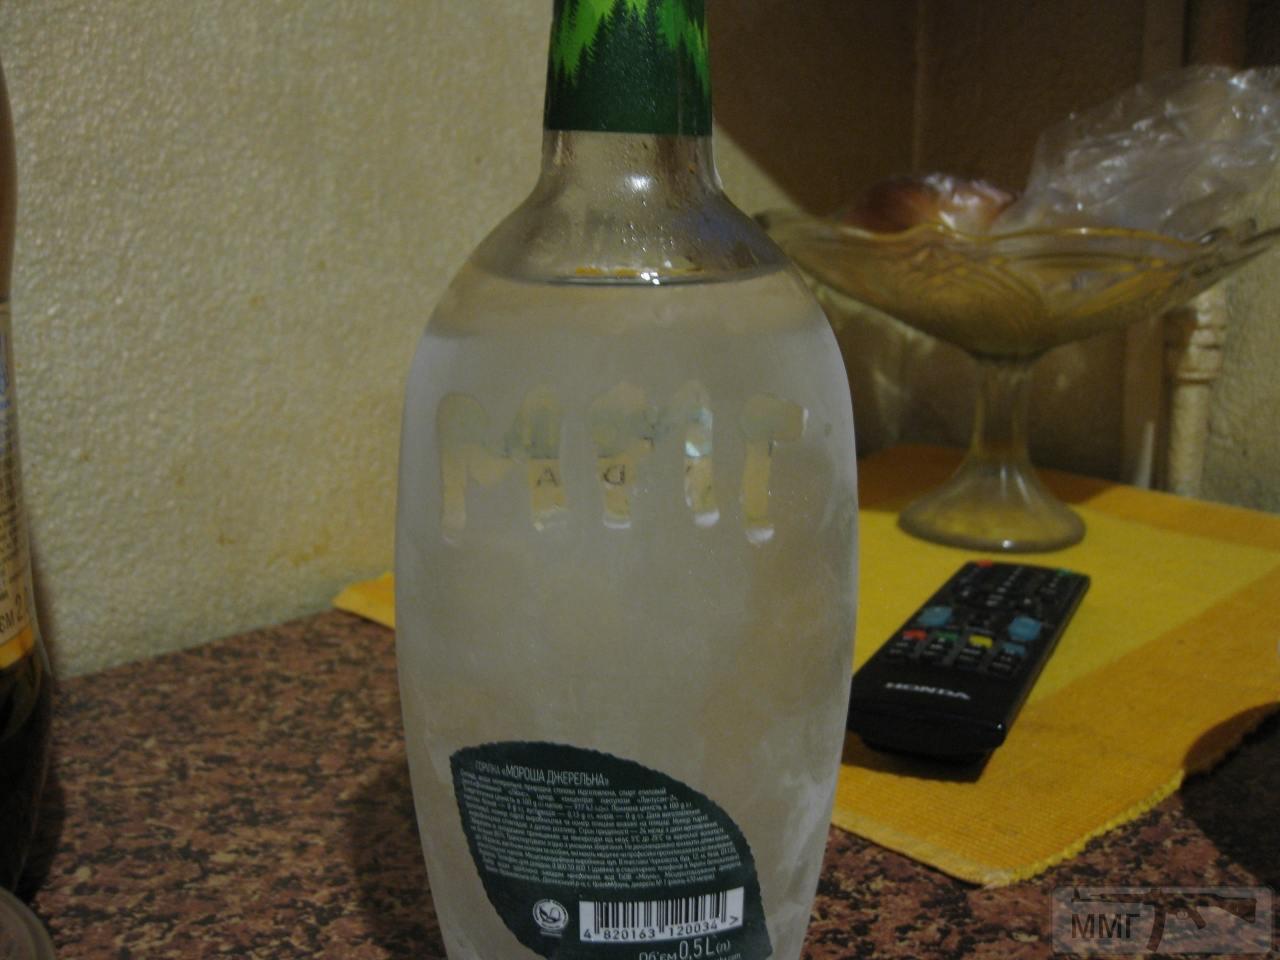 32779 - Пить или не пить? - пятничная алкогольная тема )))